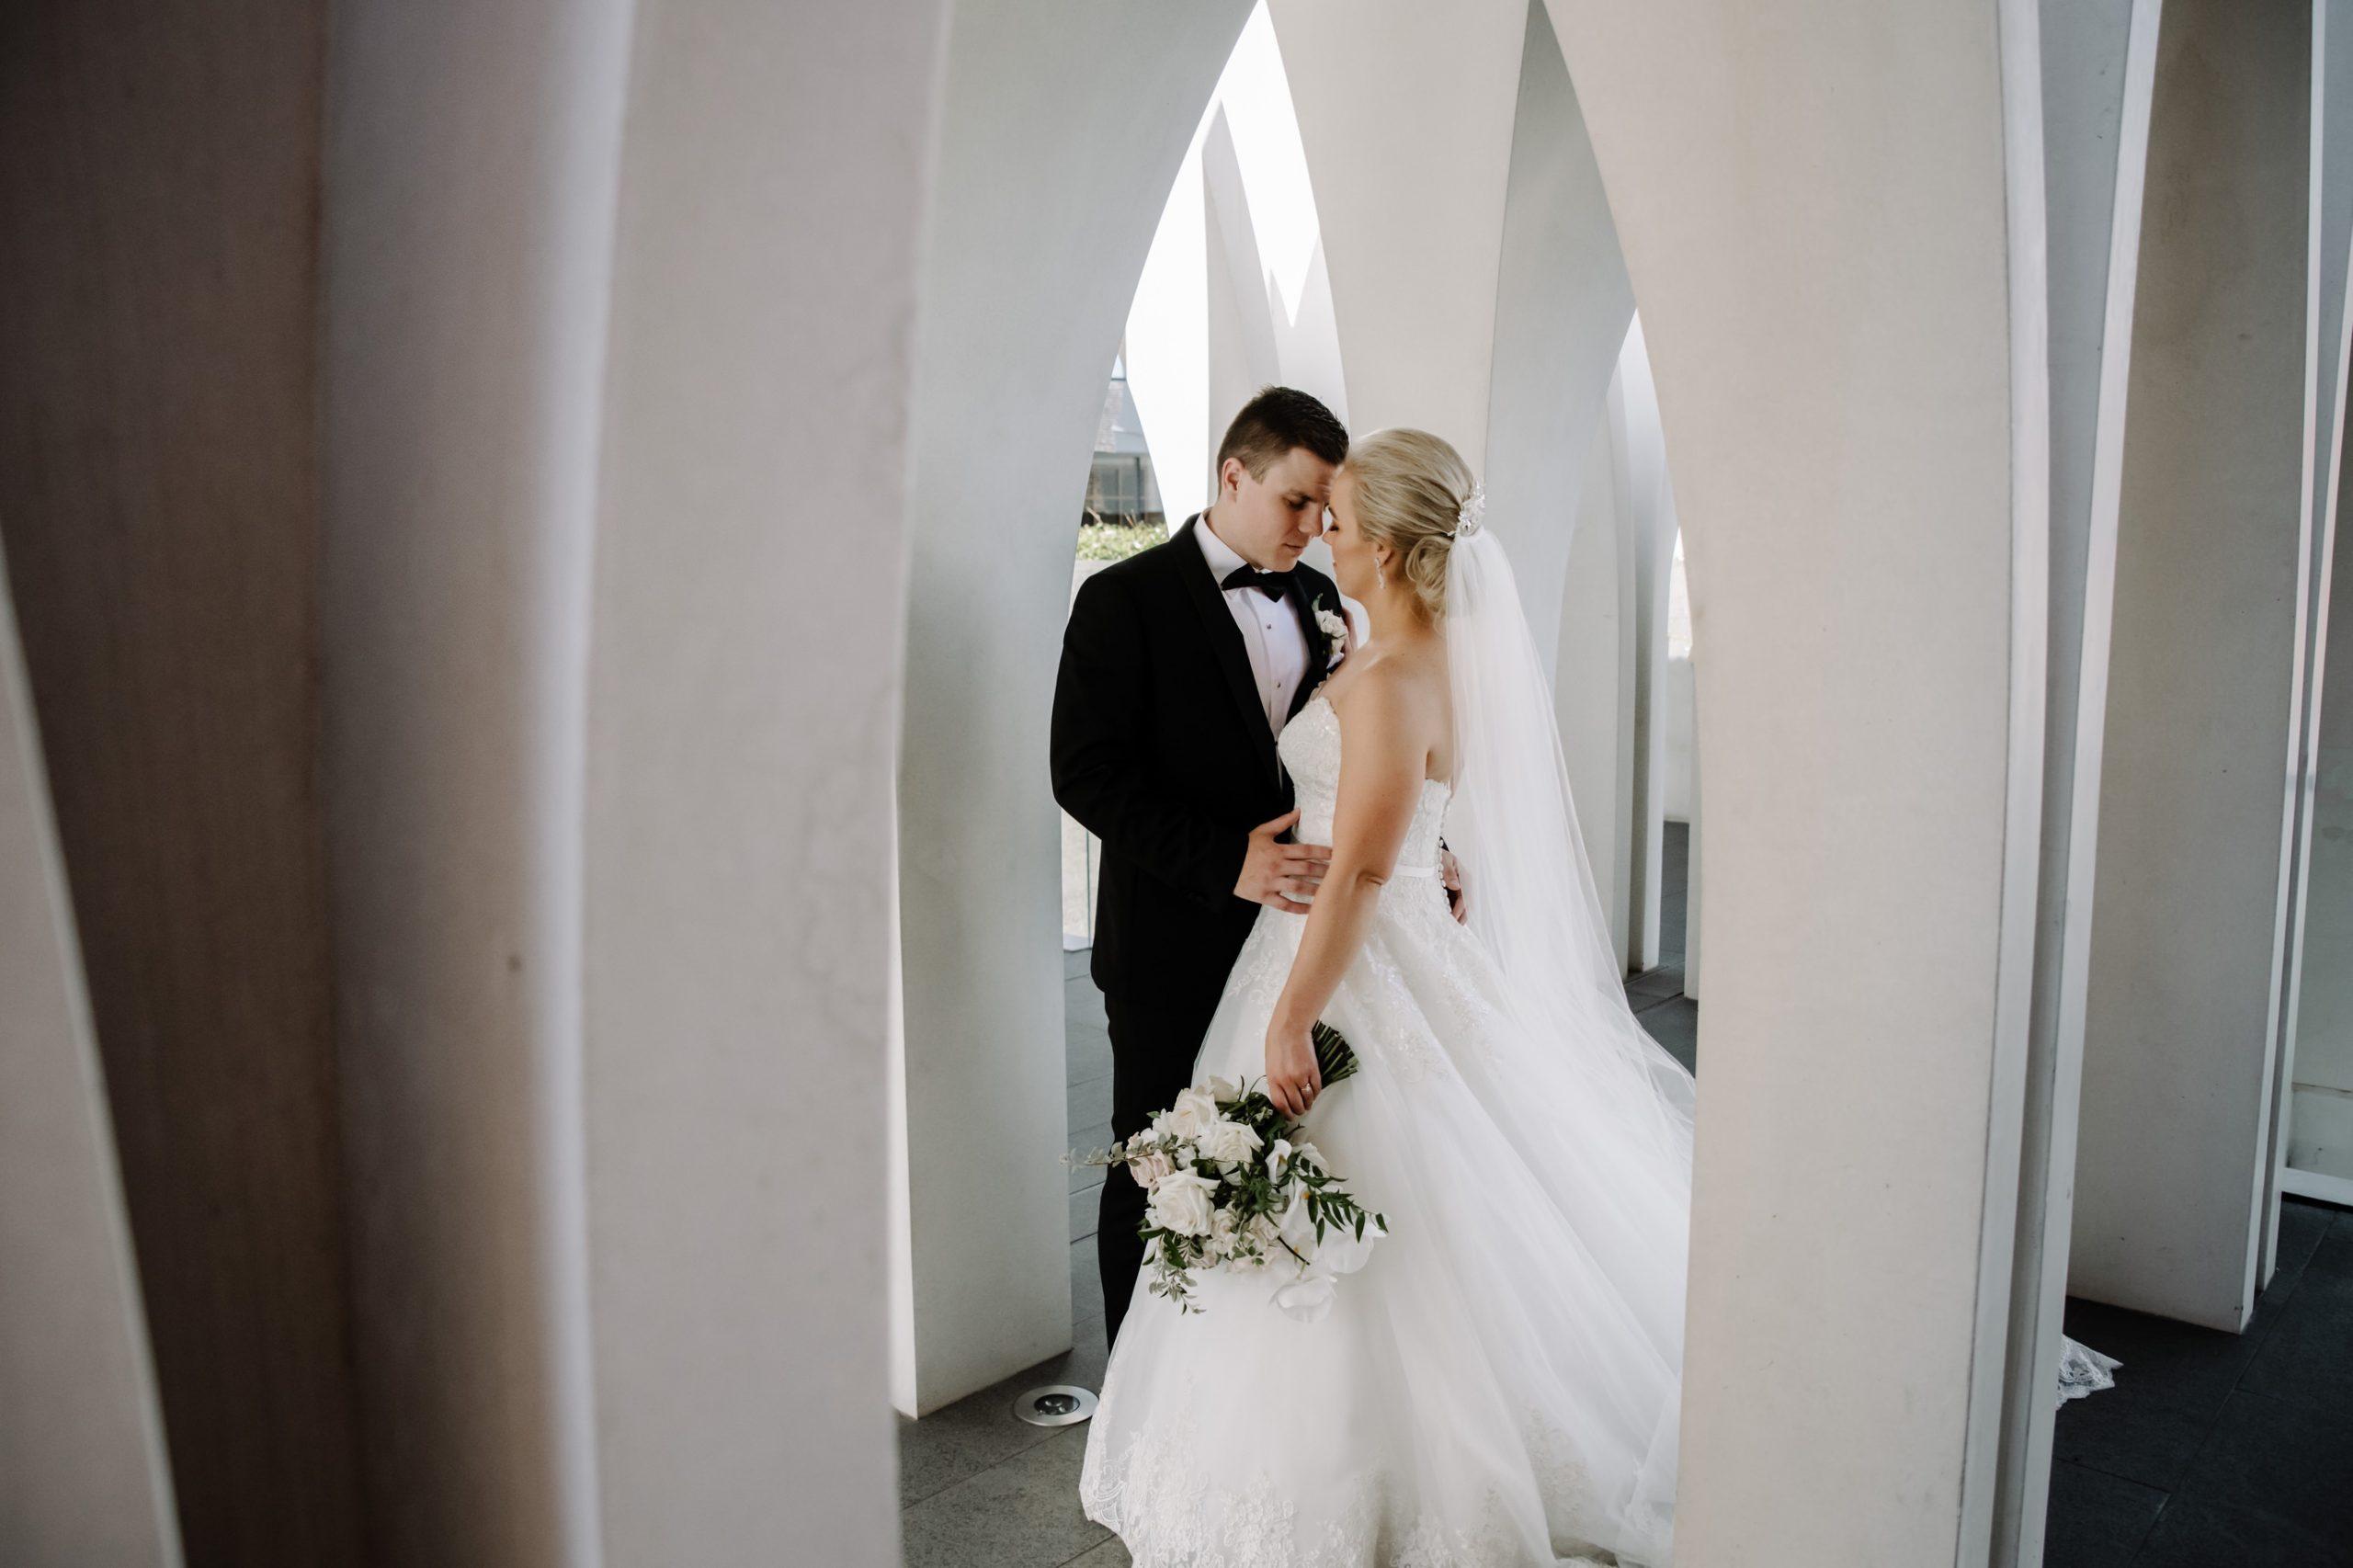 como perth wedding photos with bride and groom